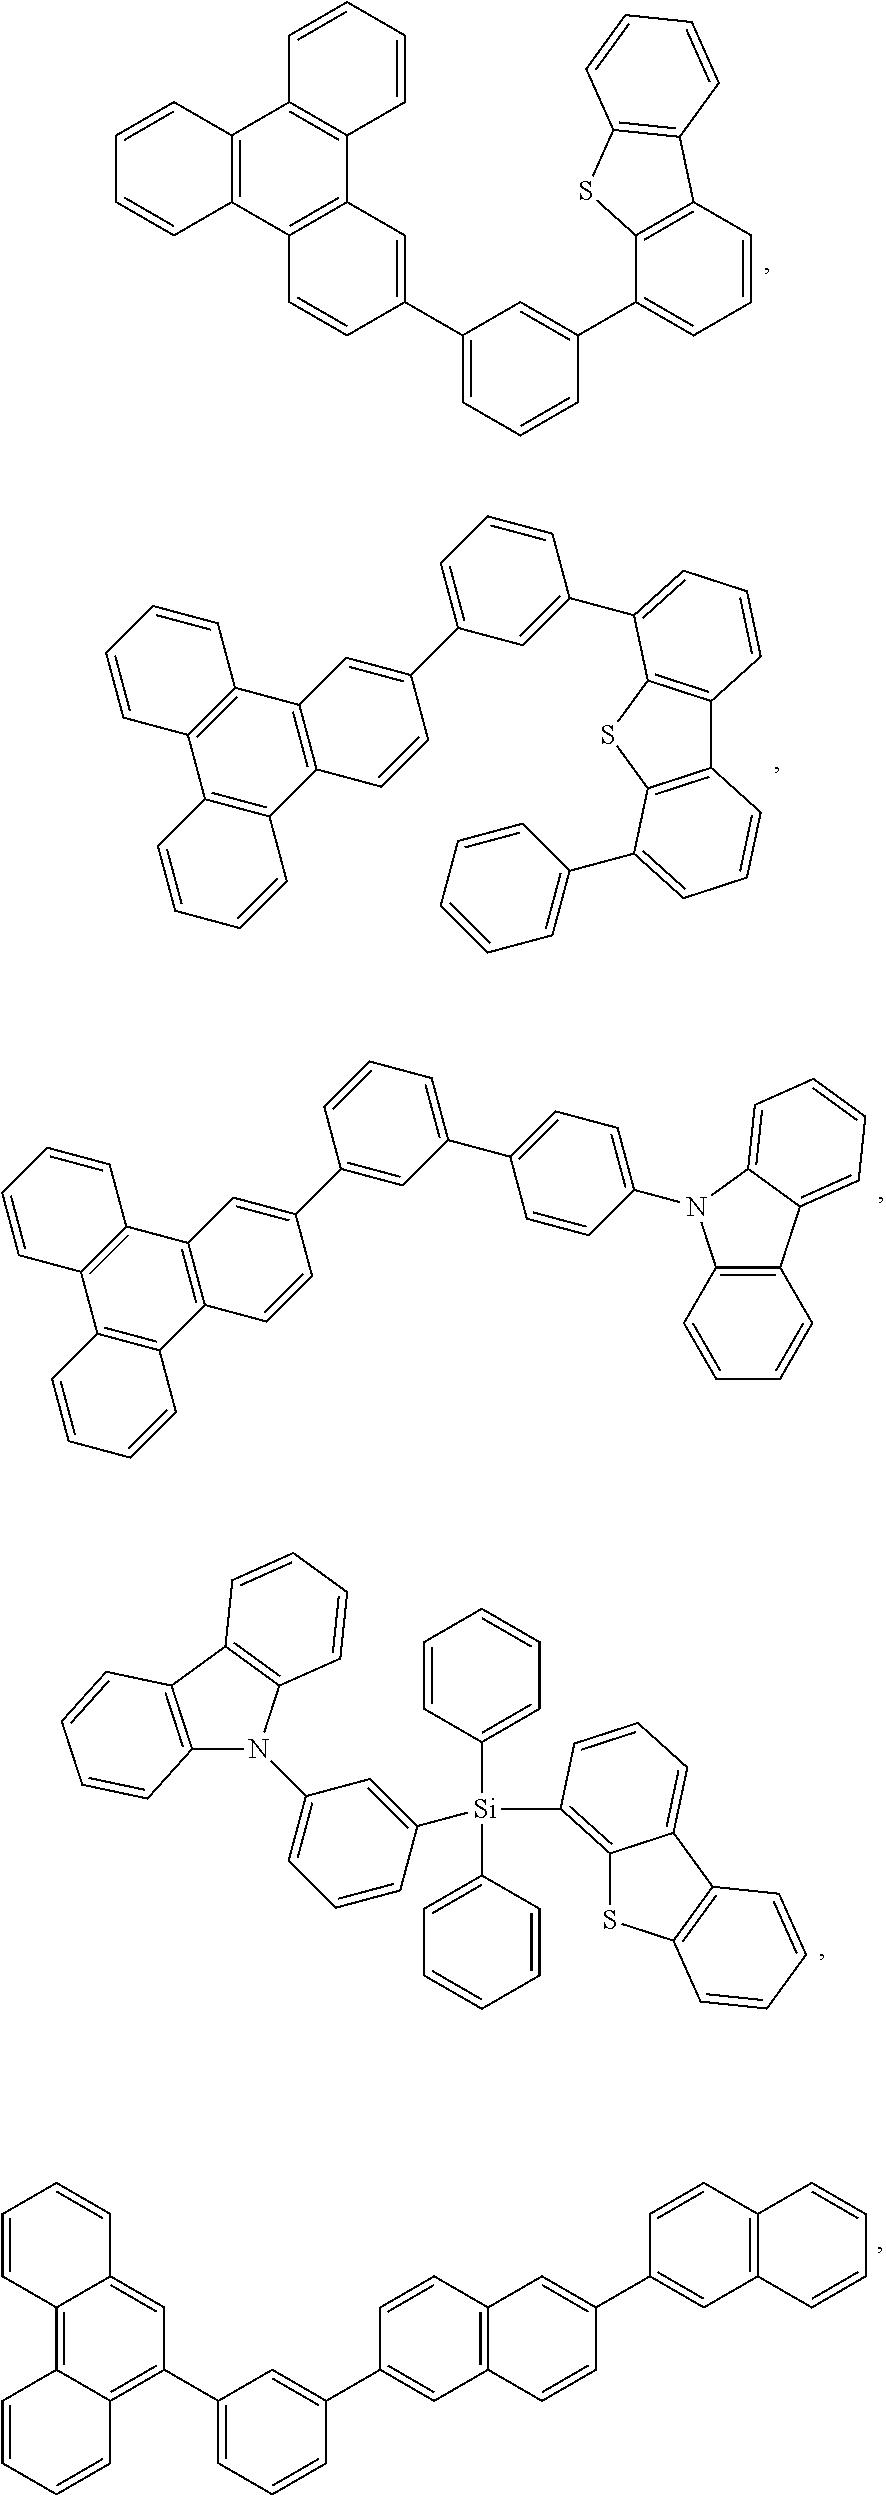 Figure US20180076393A1-20180315-C00182